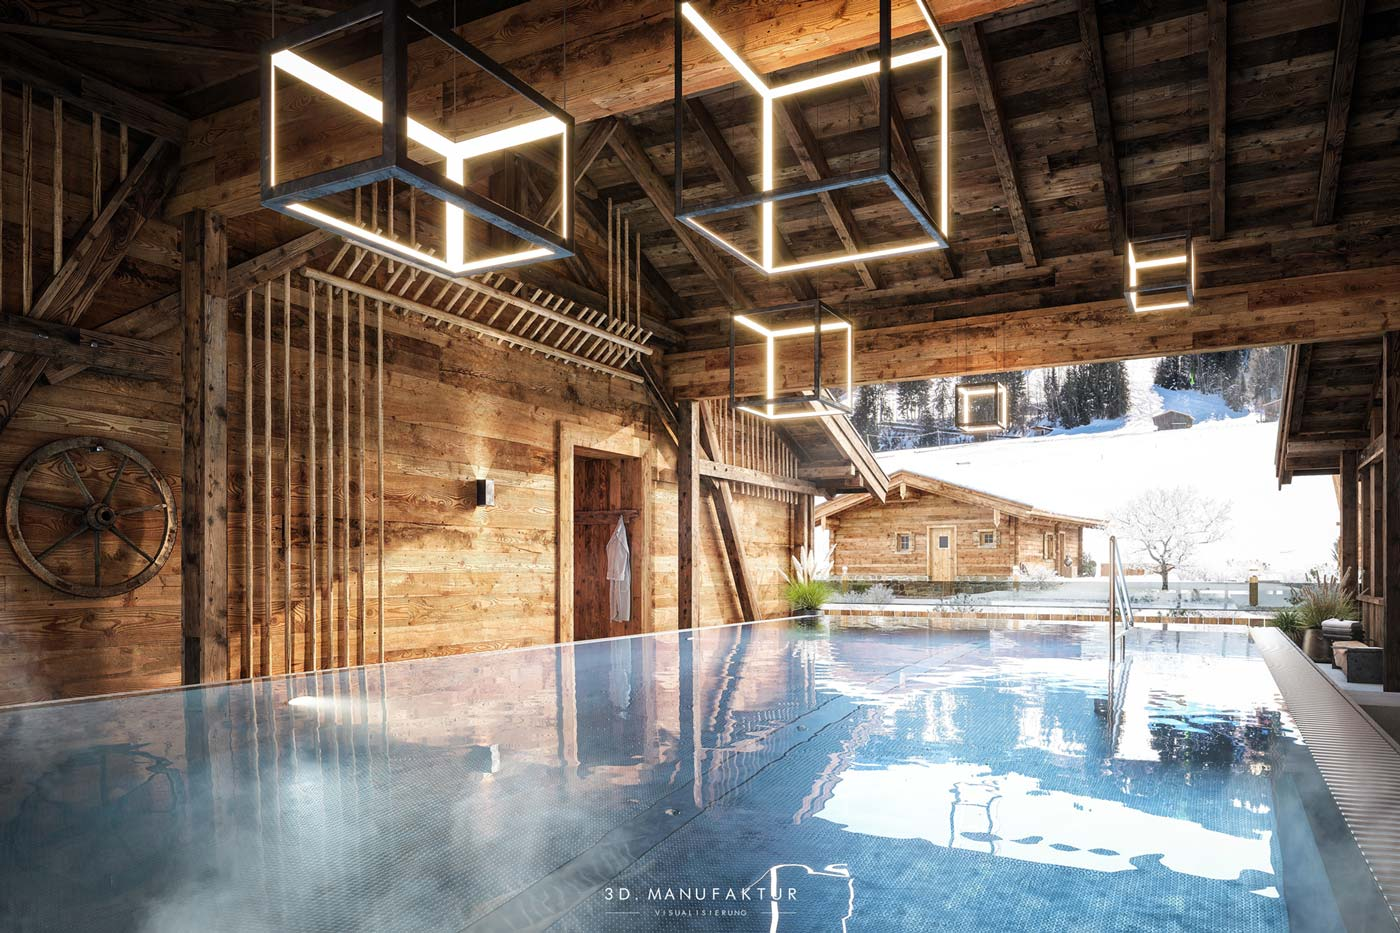 Hygna Pool